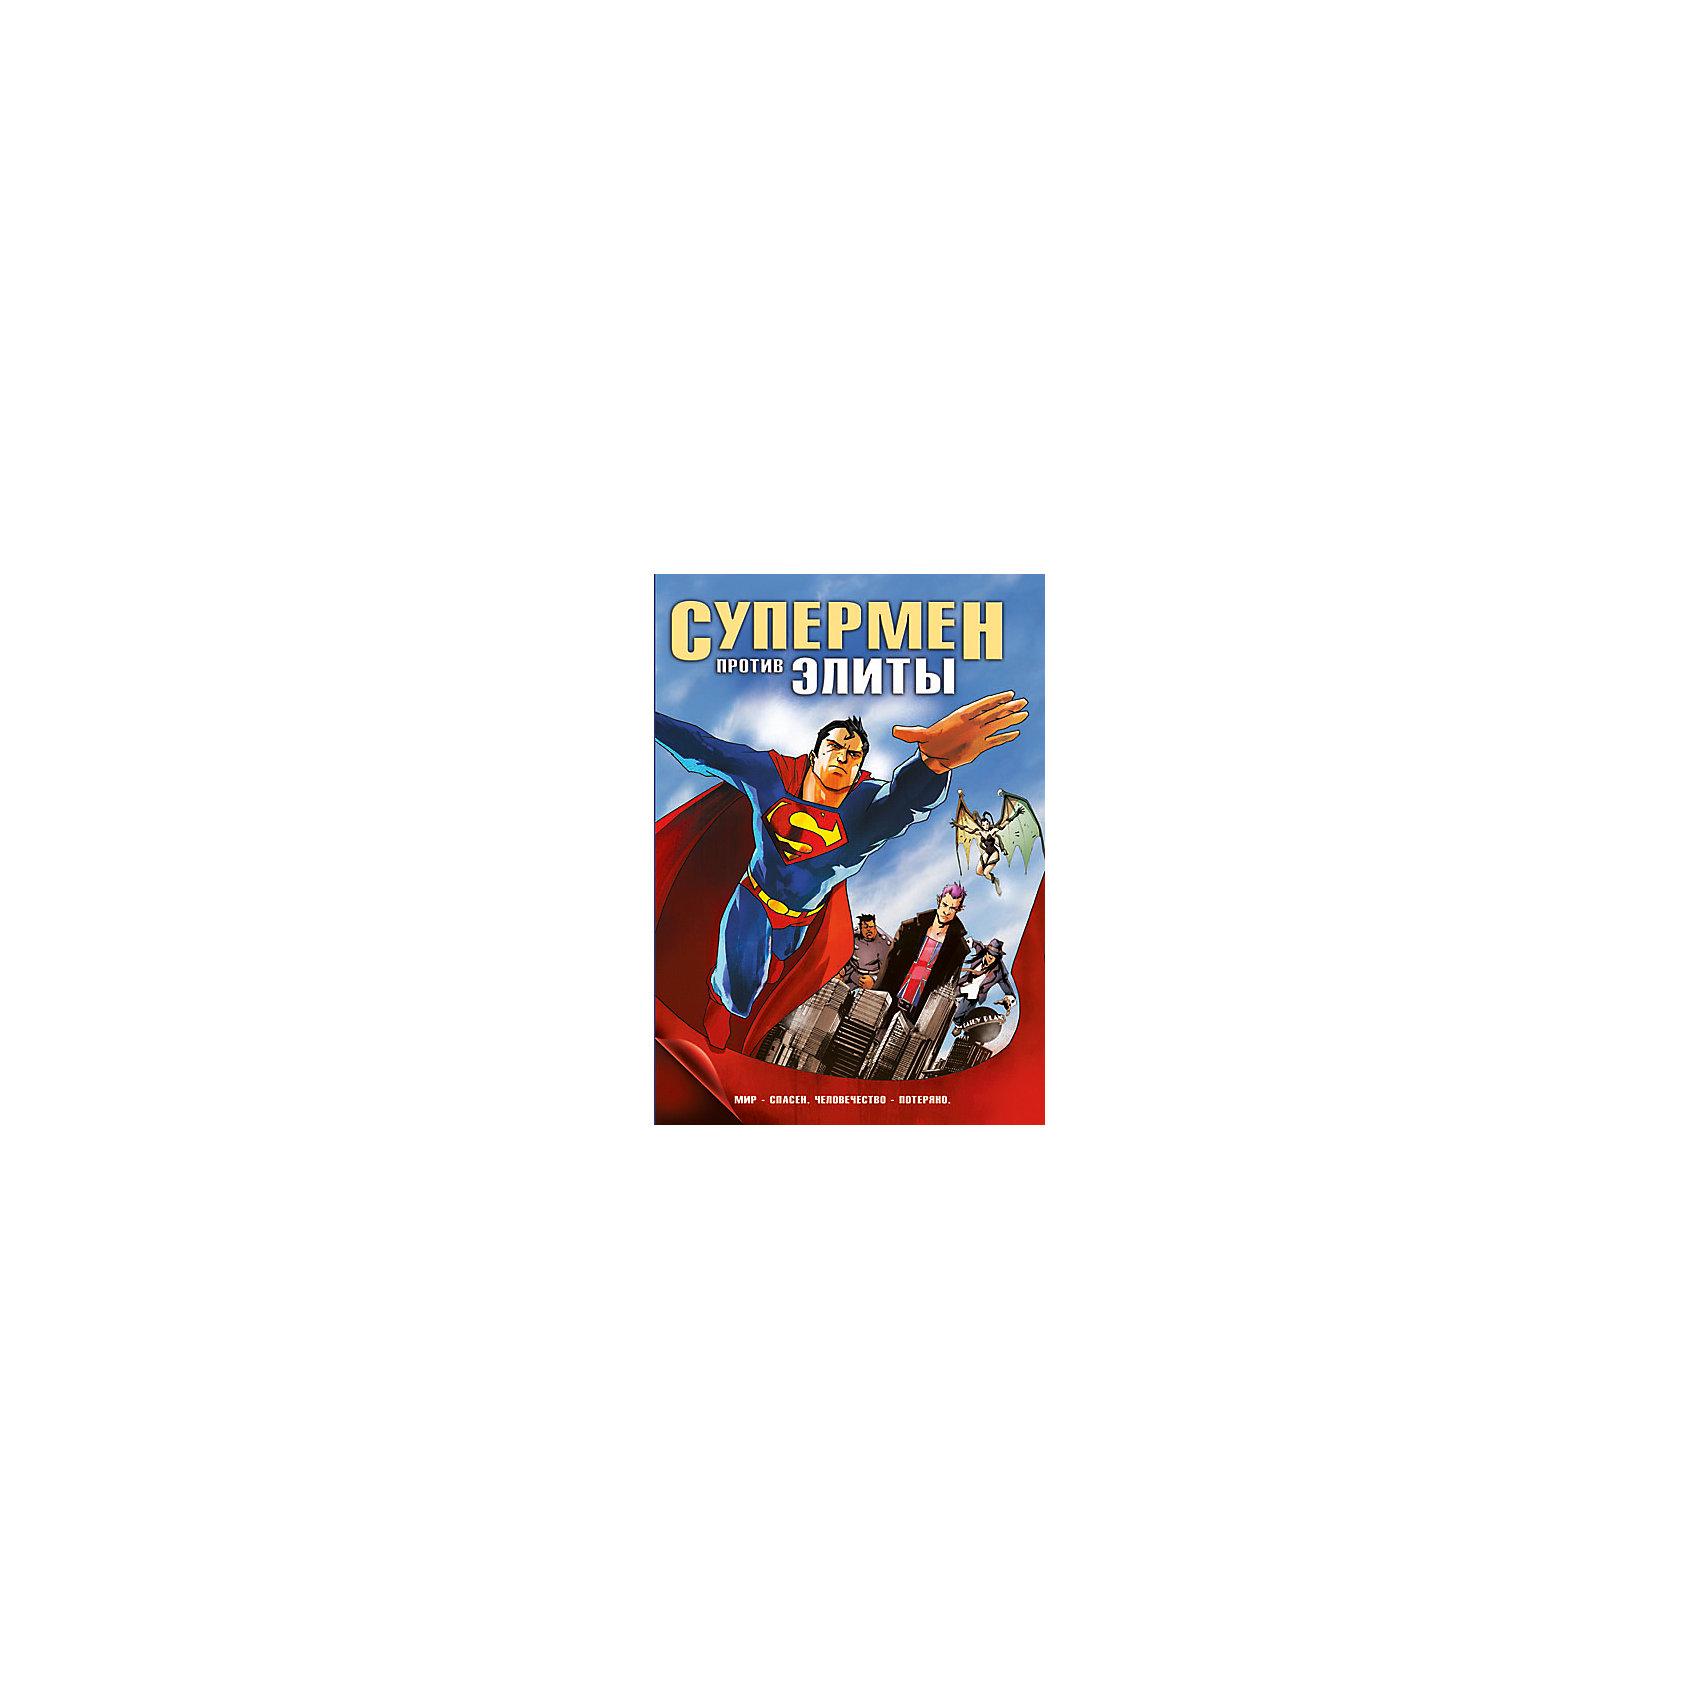 DVD Супермен против Элиты (анимация)Увлекательный анимационный фильм Супермен против Элиты станет отличным подарком юному любителю фильмов и комиксов о супергероях. Его ждет новая встреча и захватывающие приключения с любимым персонажем Суперменом. Разразилась новая катастрофа и Супермен опять устремляется в бой. На этот раз помочь ему решила команда супергероев, называющих себя Элита. Однако у вооруженного отряда из четырех могучих существ довольно жестокие методы борьбы со злом, на их фоне Супермен выглядит одиноким и морально устаревшим.<br><br>Дополнительная информация:<br><br>- Оригинальное название: Superman vs The Elite. <br>- Производство: США, Warner Bros., 2012 г.<br>- Режиссер: Майкл Чанг.<br>- В ролях: Поли Перретт, Джордж Ньюберн, Робин Аткин Даунс, Дэвид Кауфман, Джули Уитнер.<br>- Длительность: 74 мин.<br>- Русский дубляж Dolby Digital 2.0.<br>- Возраст: 12+.<br>- Упаковка: Keep case.<br>- Размер упаковки: 13,5 х 19 х 1 см.<br>- Вес: 150 гр.<br><br>DVD Супермен против Элиты (анимация) можно купить в нашем интернет-магазине.<br><br>Ширина мм: 135<br>Глубина мм: 10<br>Высота мм: 190<br>Вес г: 150<br>Возраст от месяцев: 0<br>Возраст до месяцев: 192<br>Пол: Унисекс<br>Возраст: Детский<br>SKU: 4093800